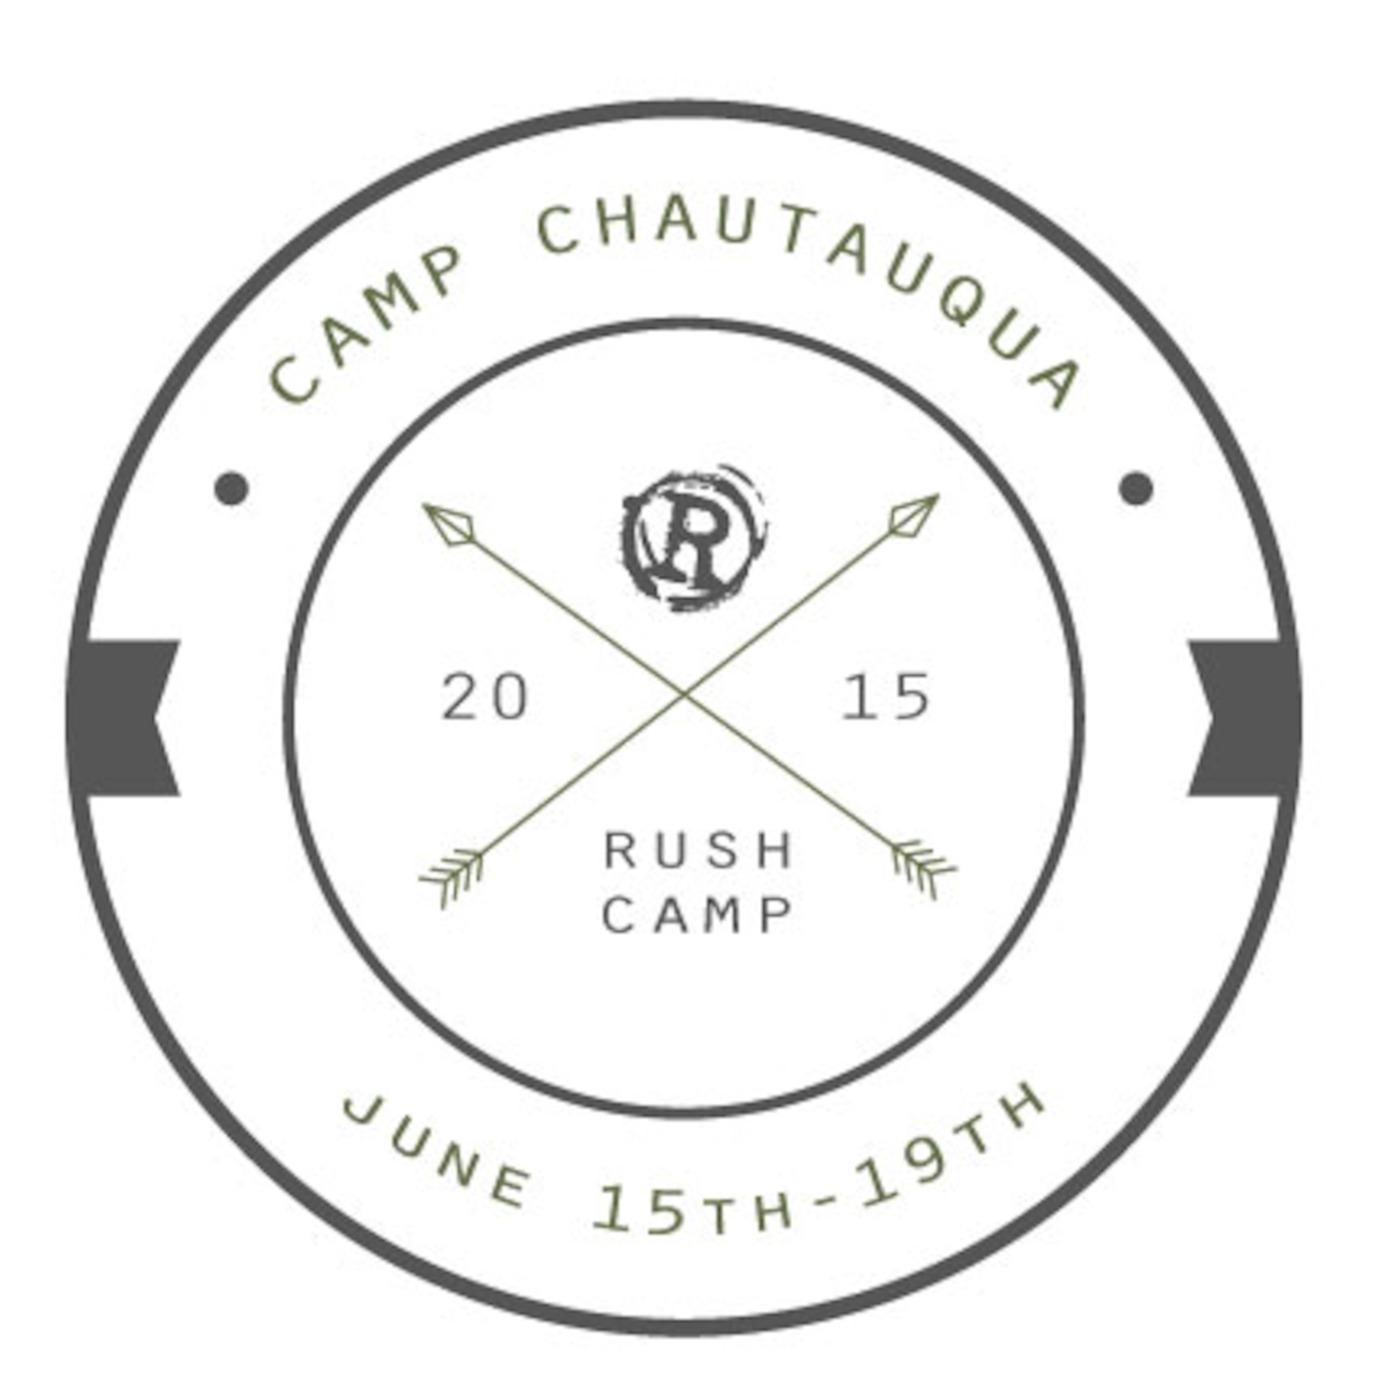 RUSH Camp